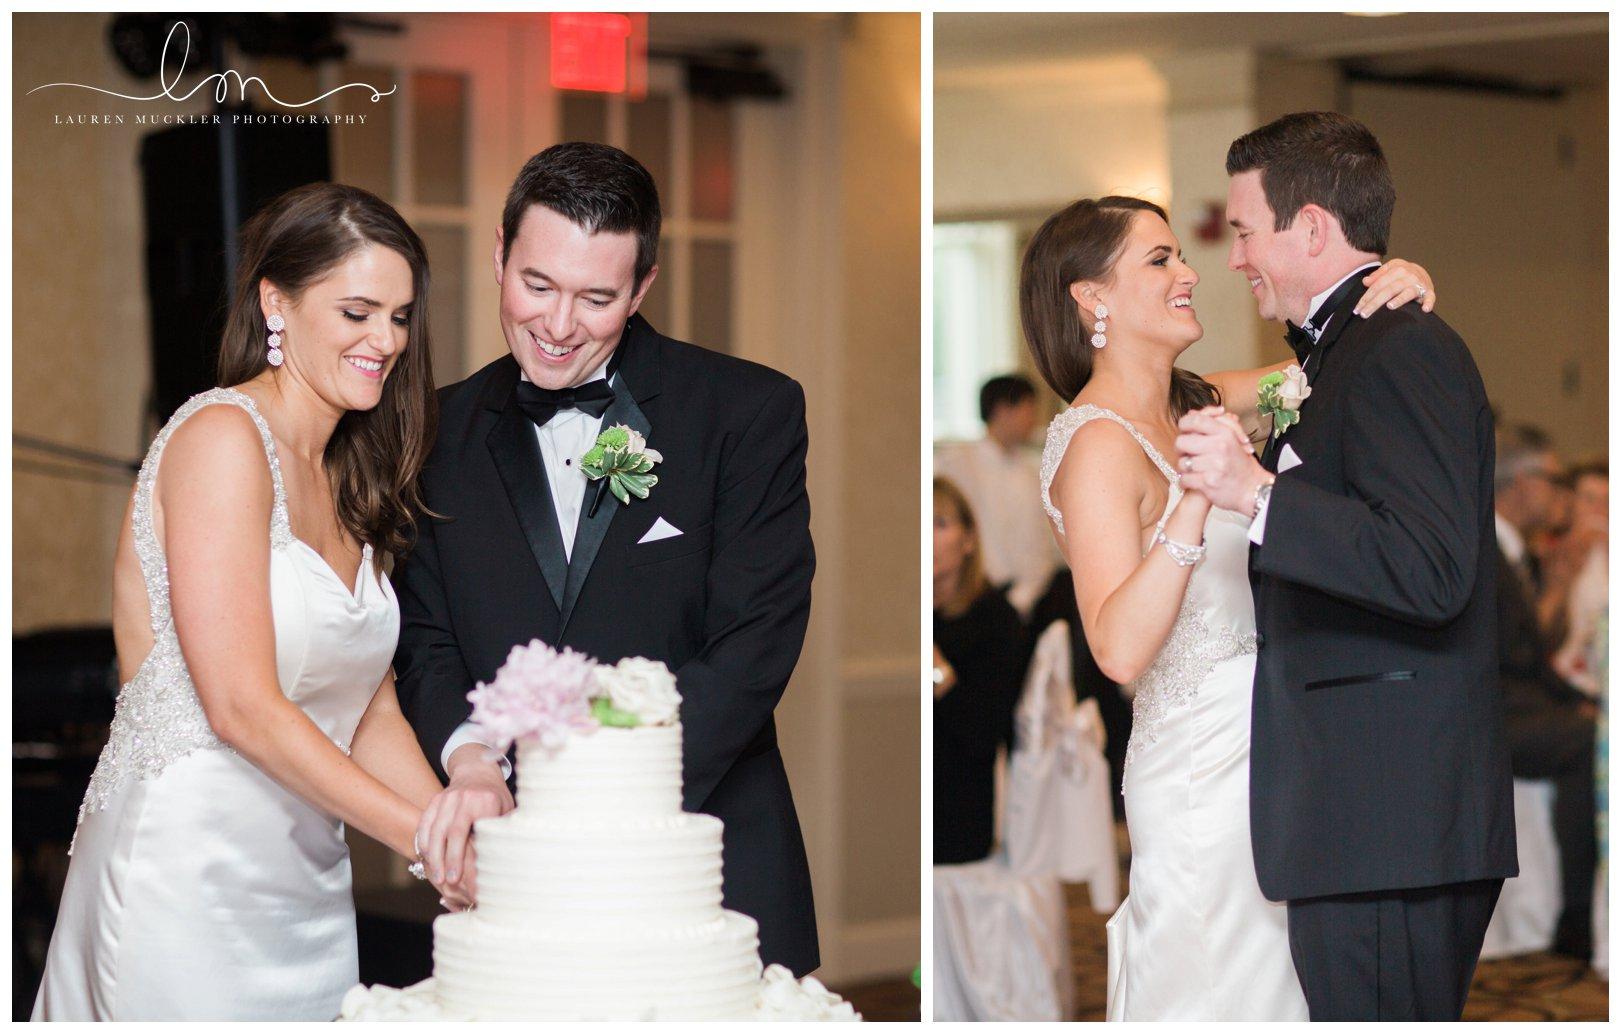 lauren muckler photography_fine art film wedding photography_st louis_photography_0245.jpg